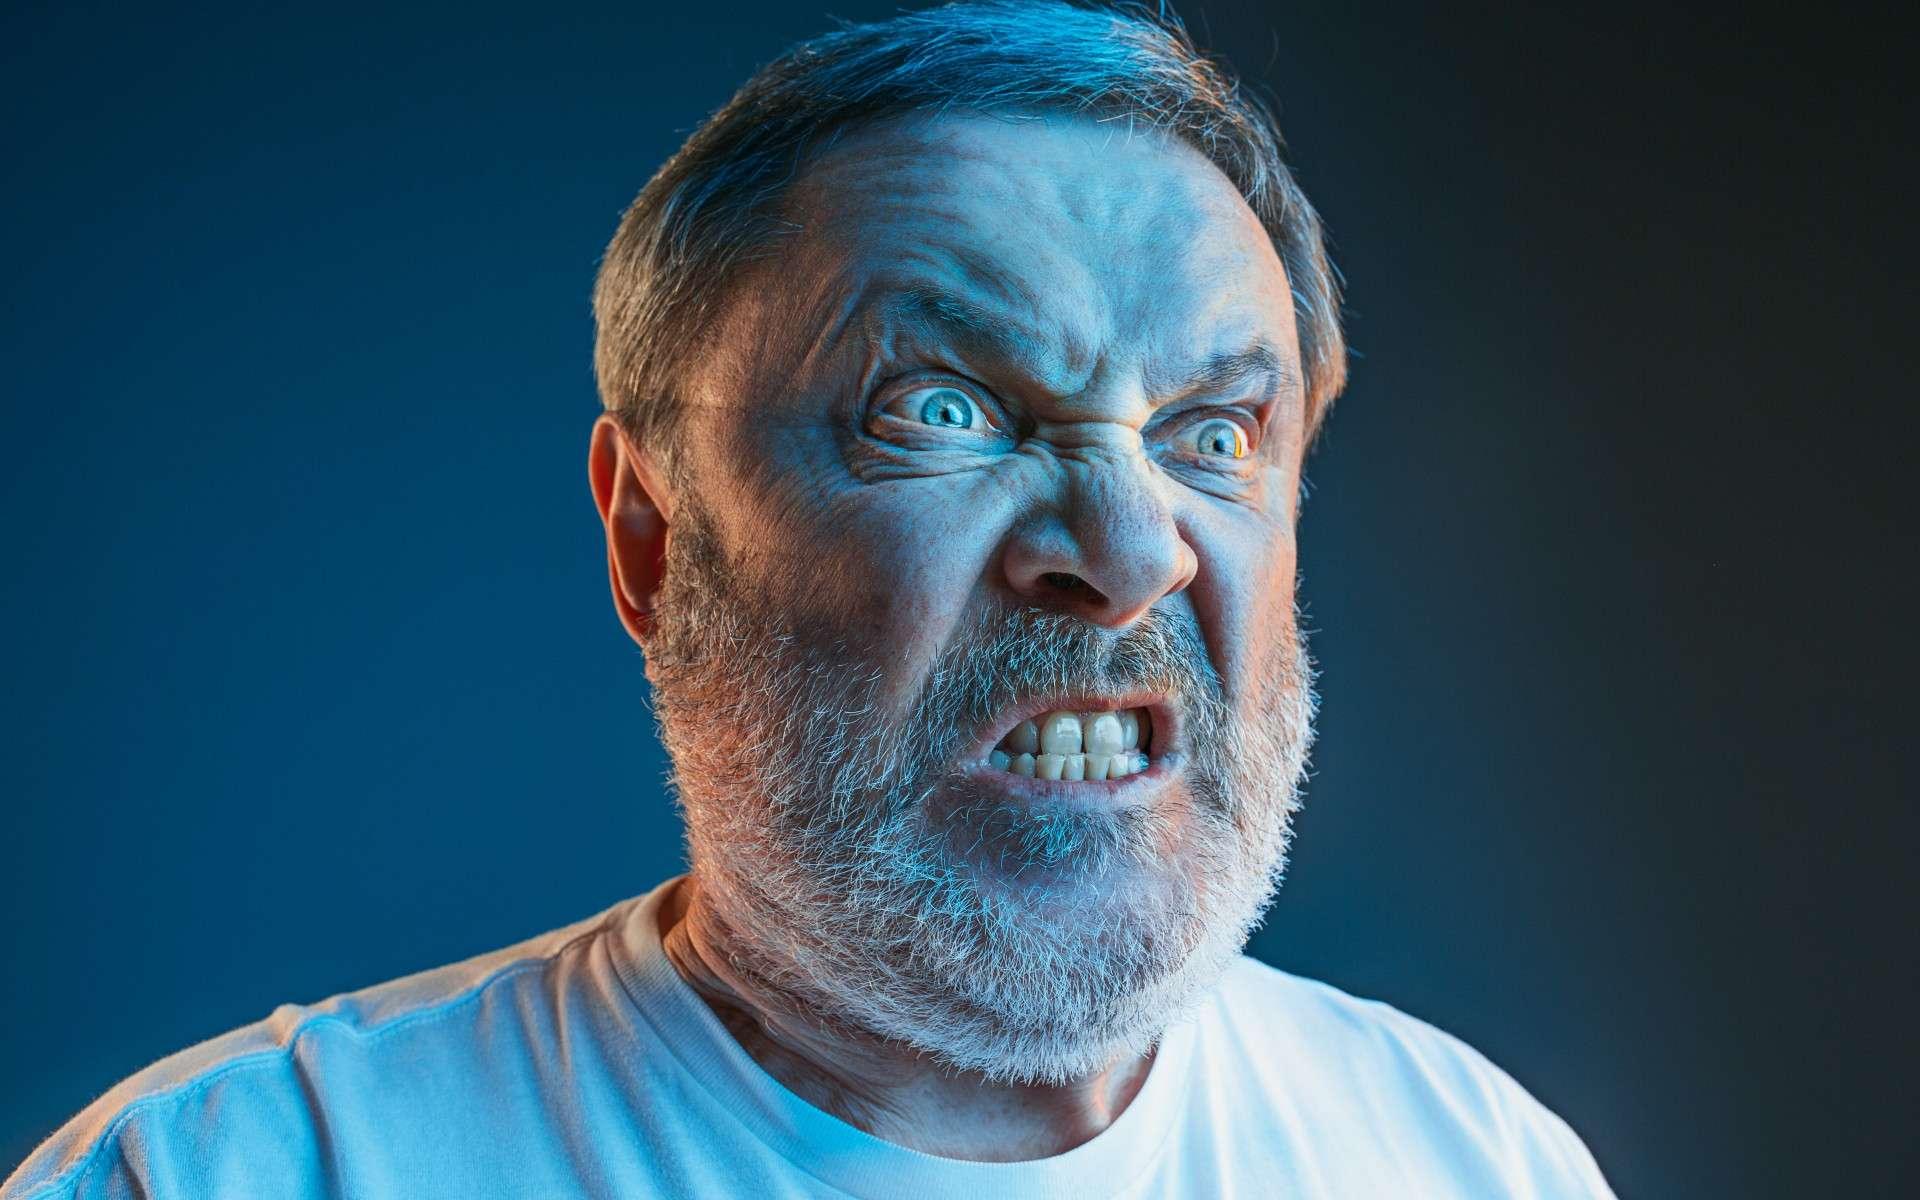 L'agressivité n'est pas bonne pour la santé cardiovasculaire. © master1305, Adobe Stock